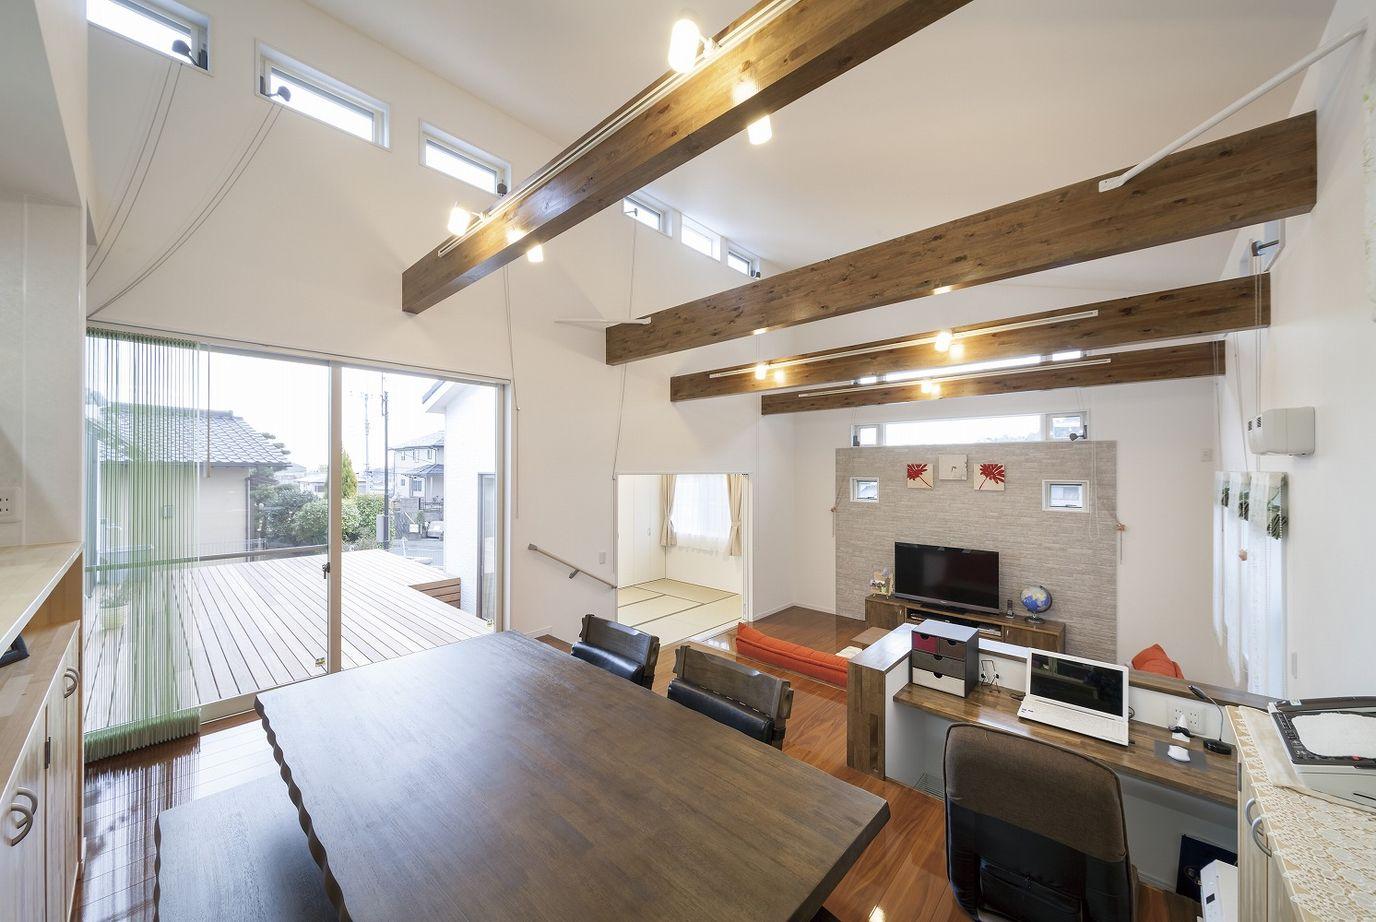 【平屋】プライバシーも守る光の設計。開放的なスキップフロアの平屋の家画像2